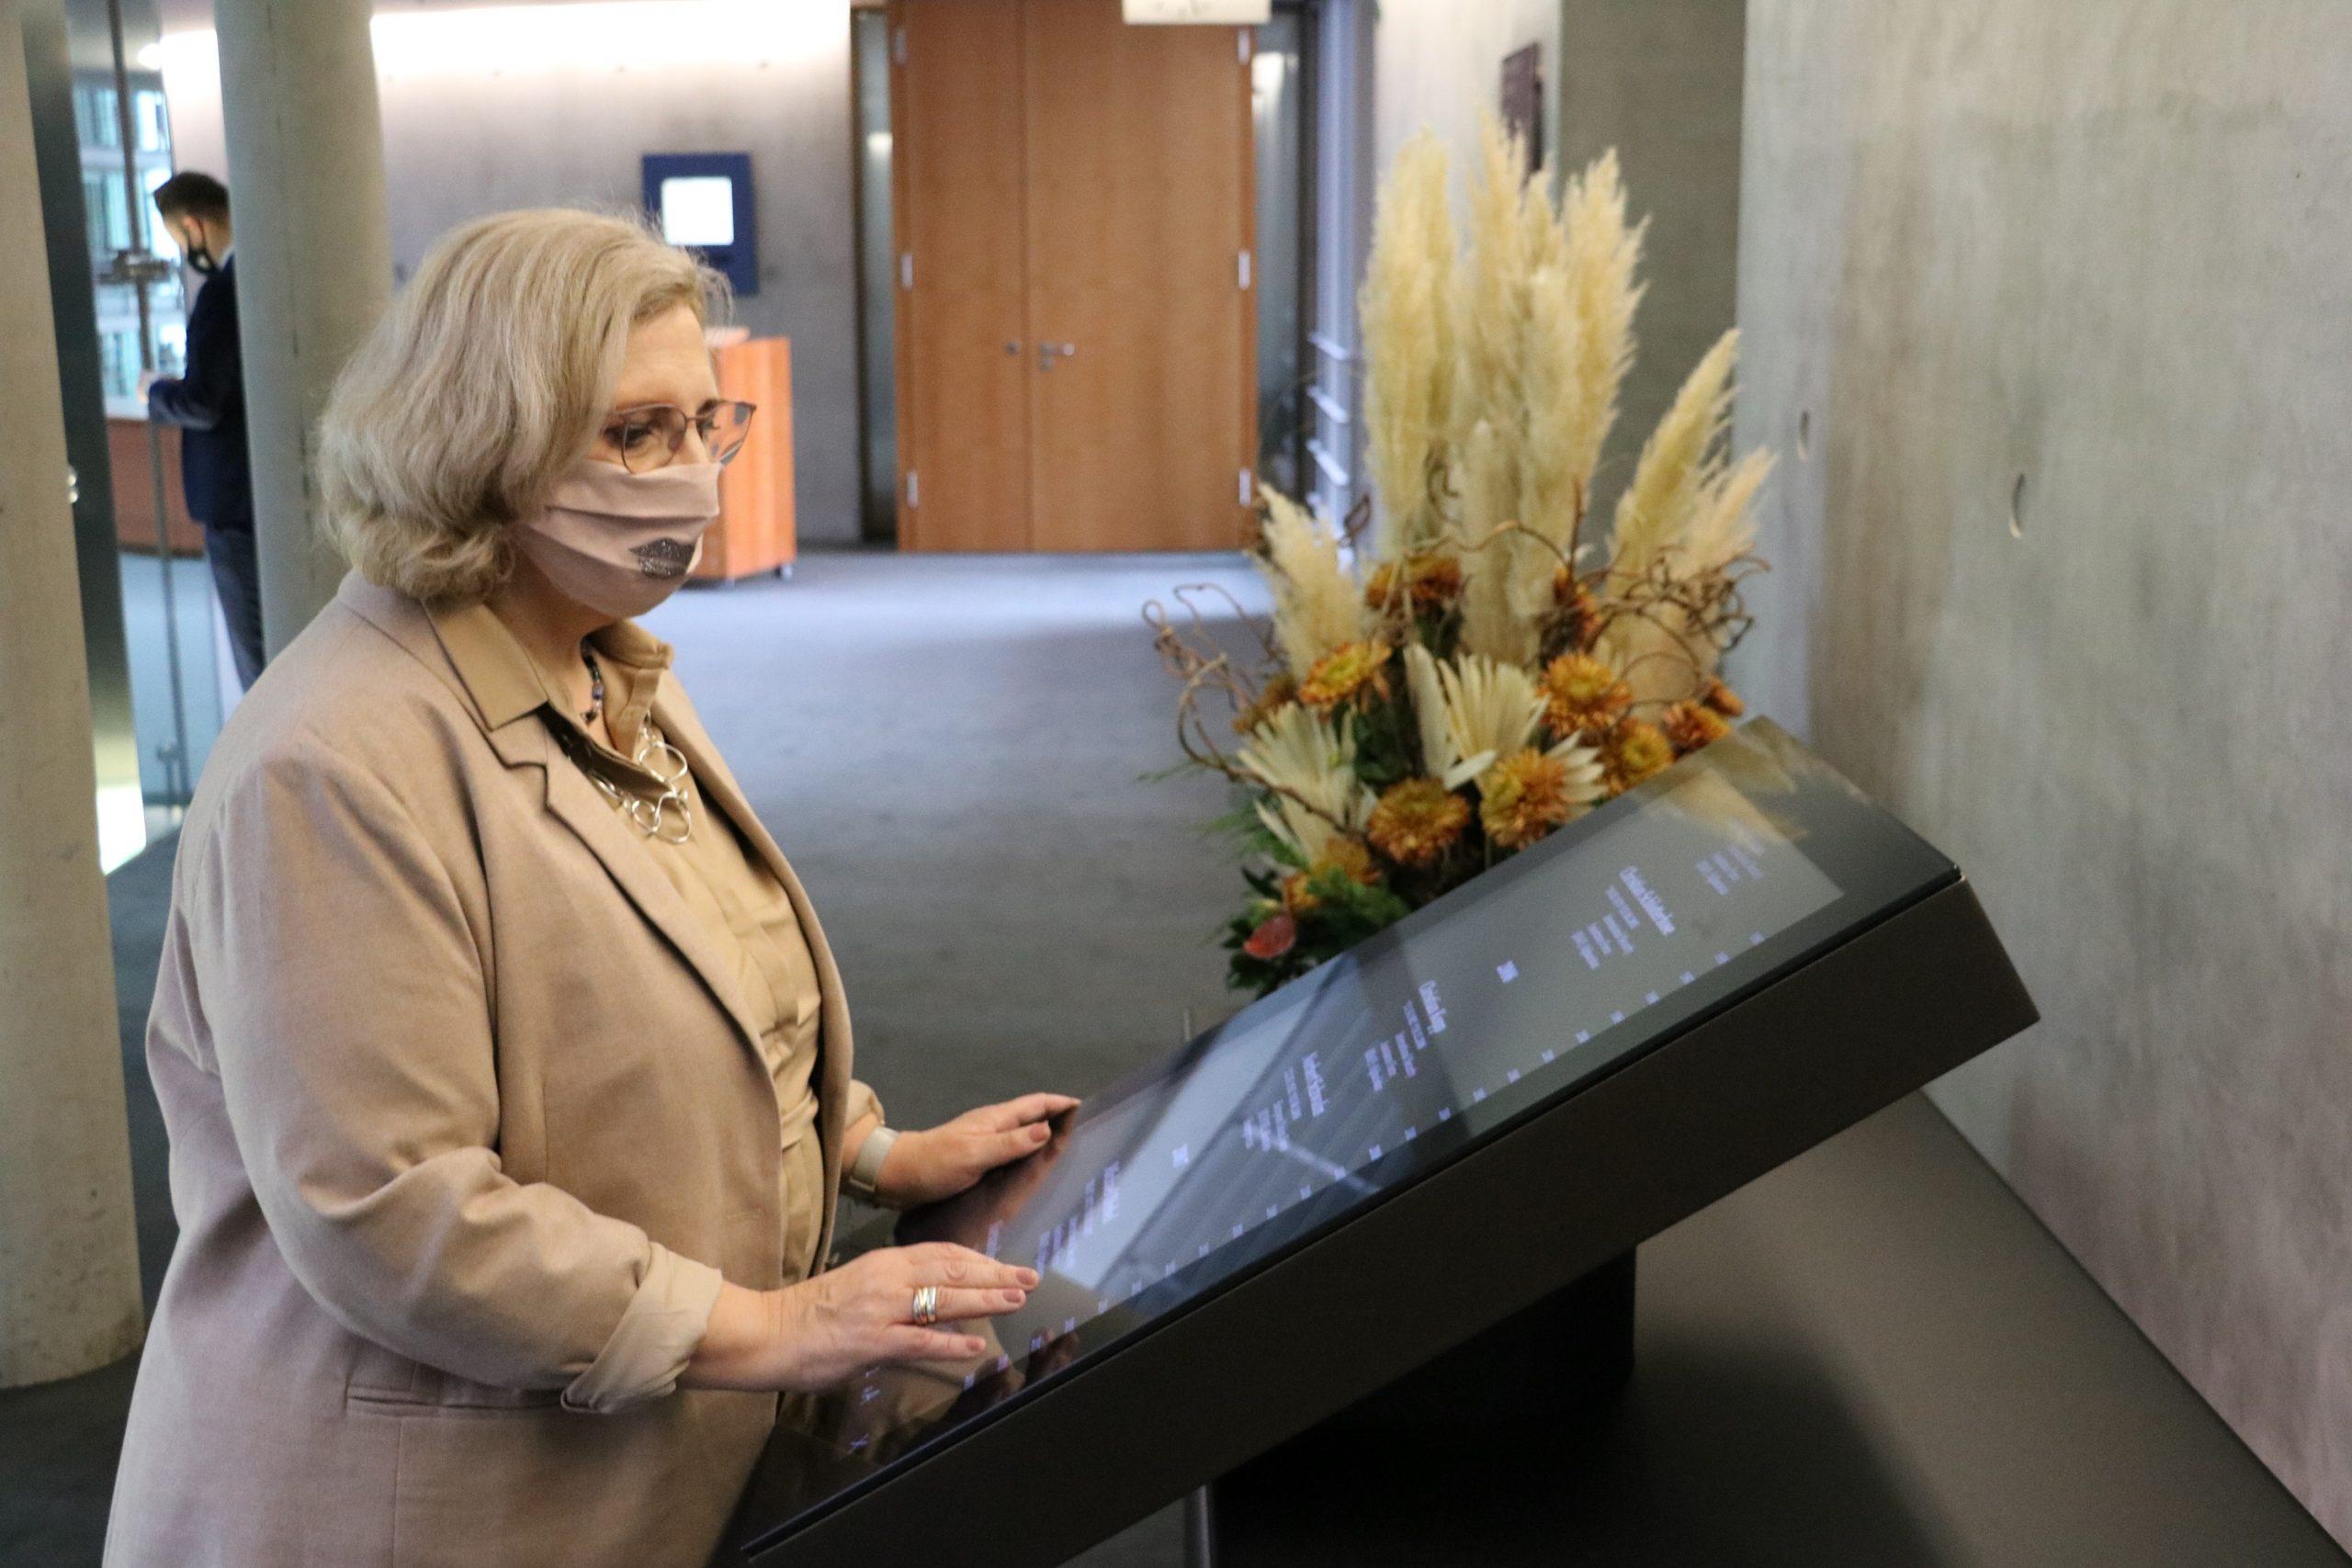 Dr. Daniela De Ridder zur Einweihung des Gedenkbuches der Bundeswehr